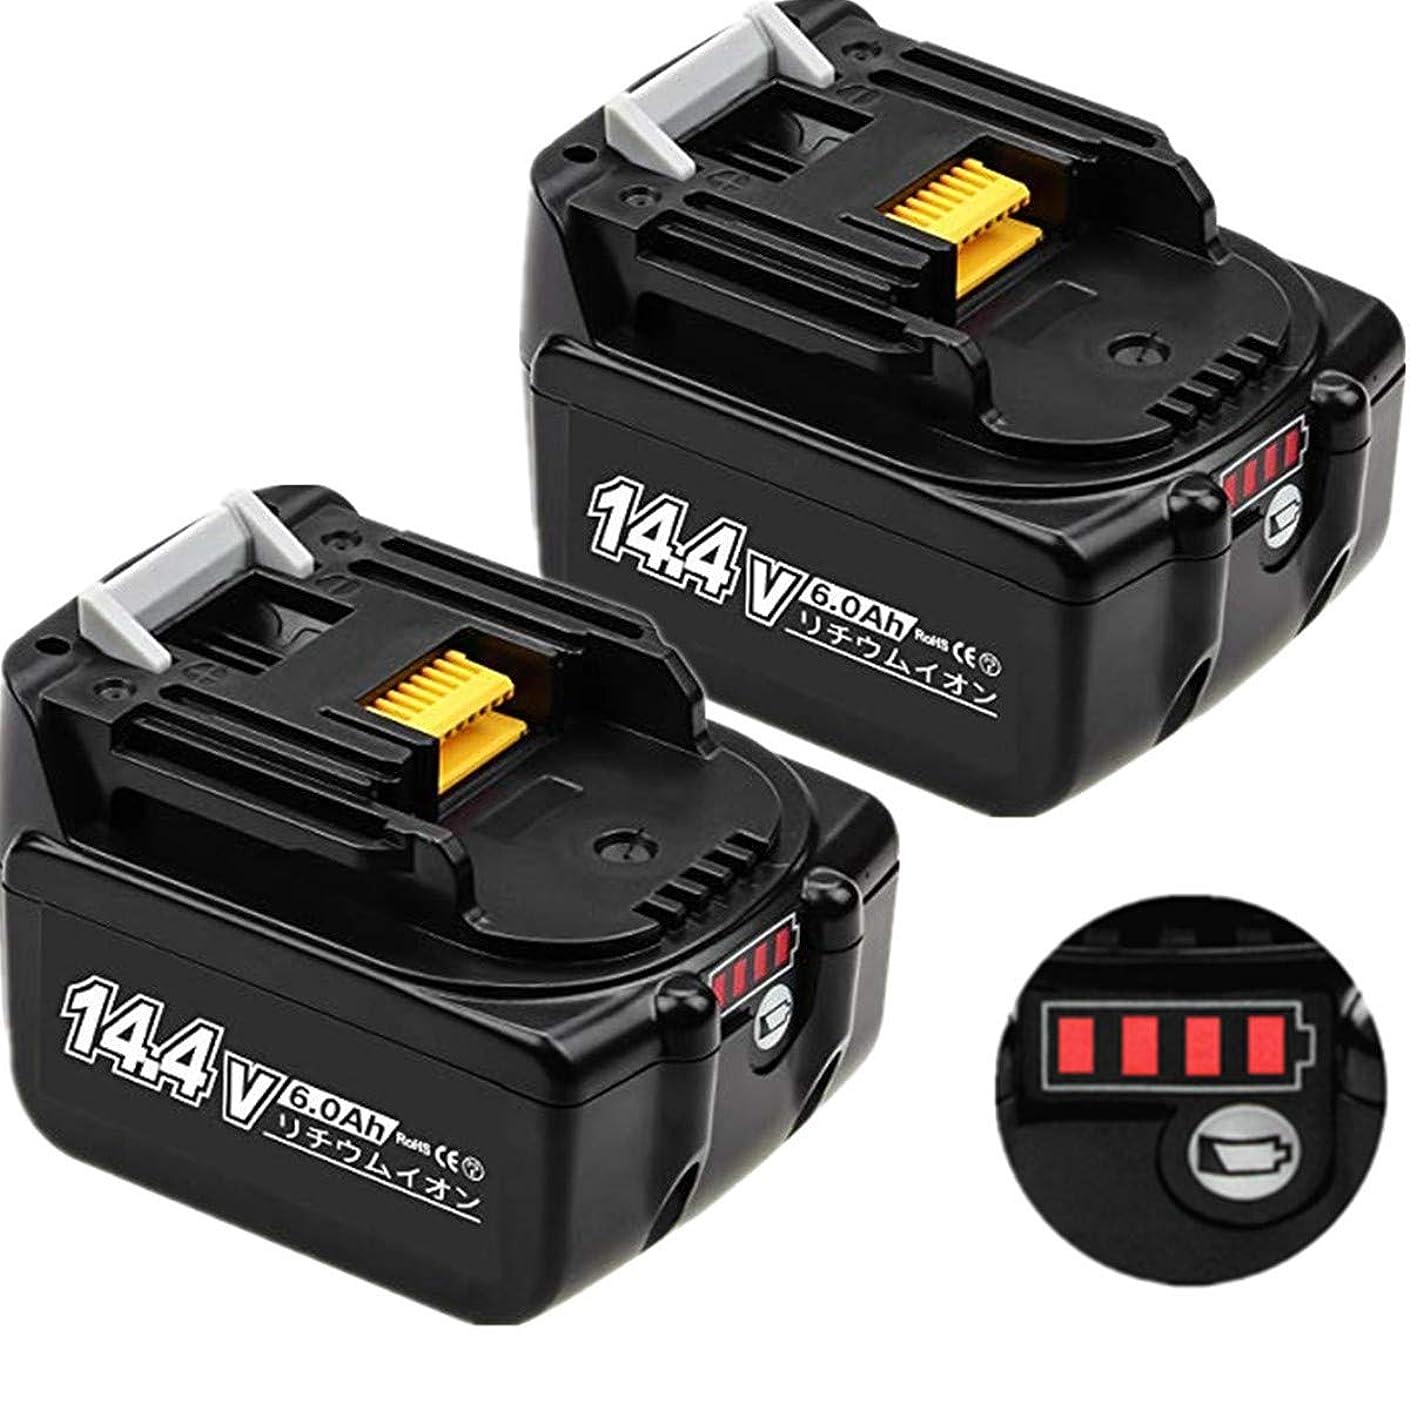 Topbatt BL1460B 互換マキタ 14.4v バッテリー サムスンセル搭載 【2個】6000mAh LED残量表示付き1年保証